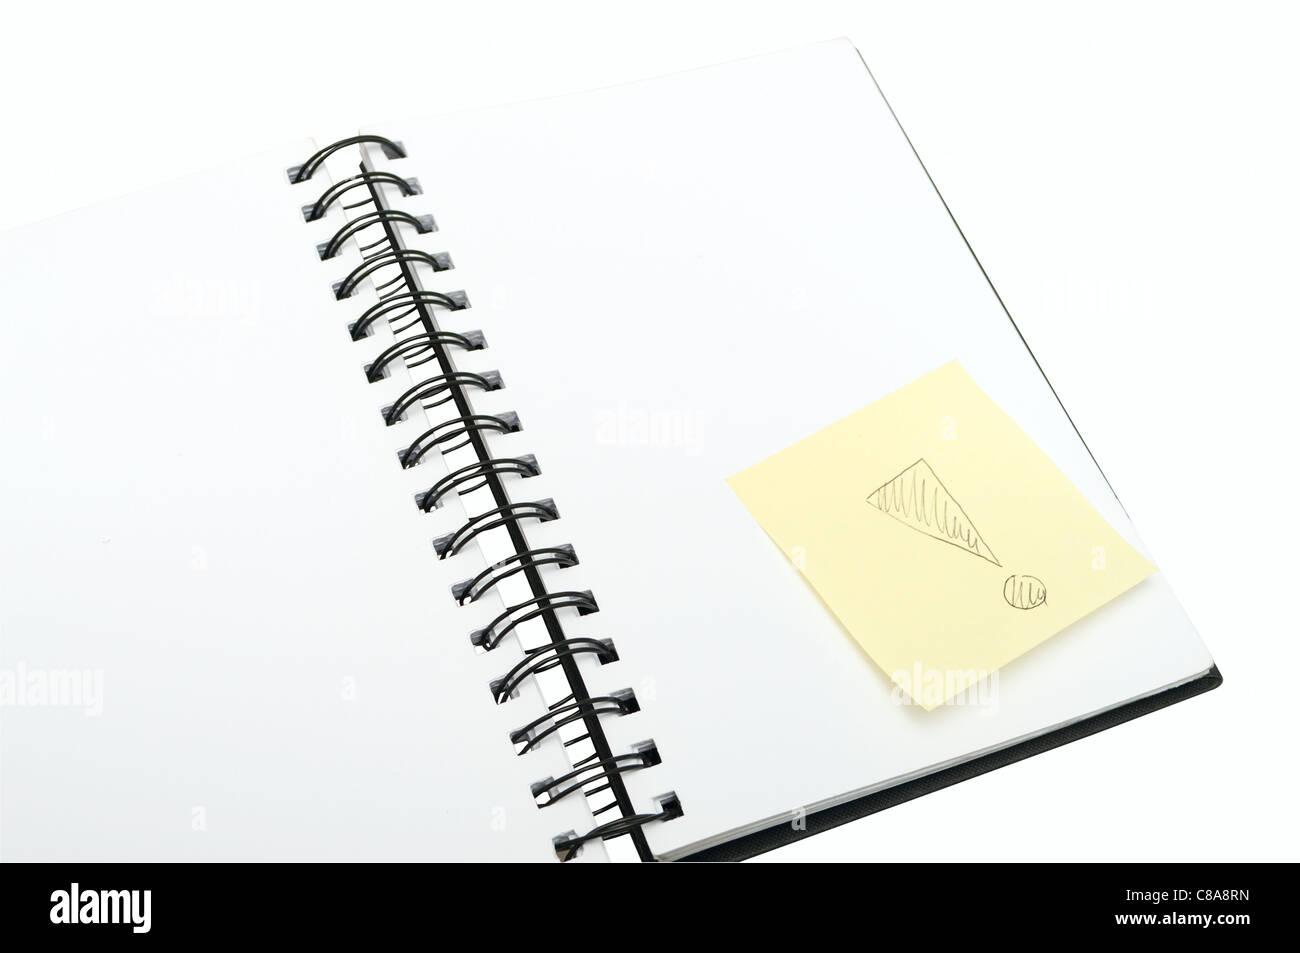 Notebook vuota e Memo giallo Stick Punto esclamativo su fondo bianco Immagini Stock